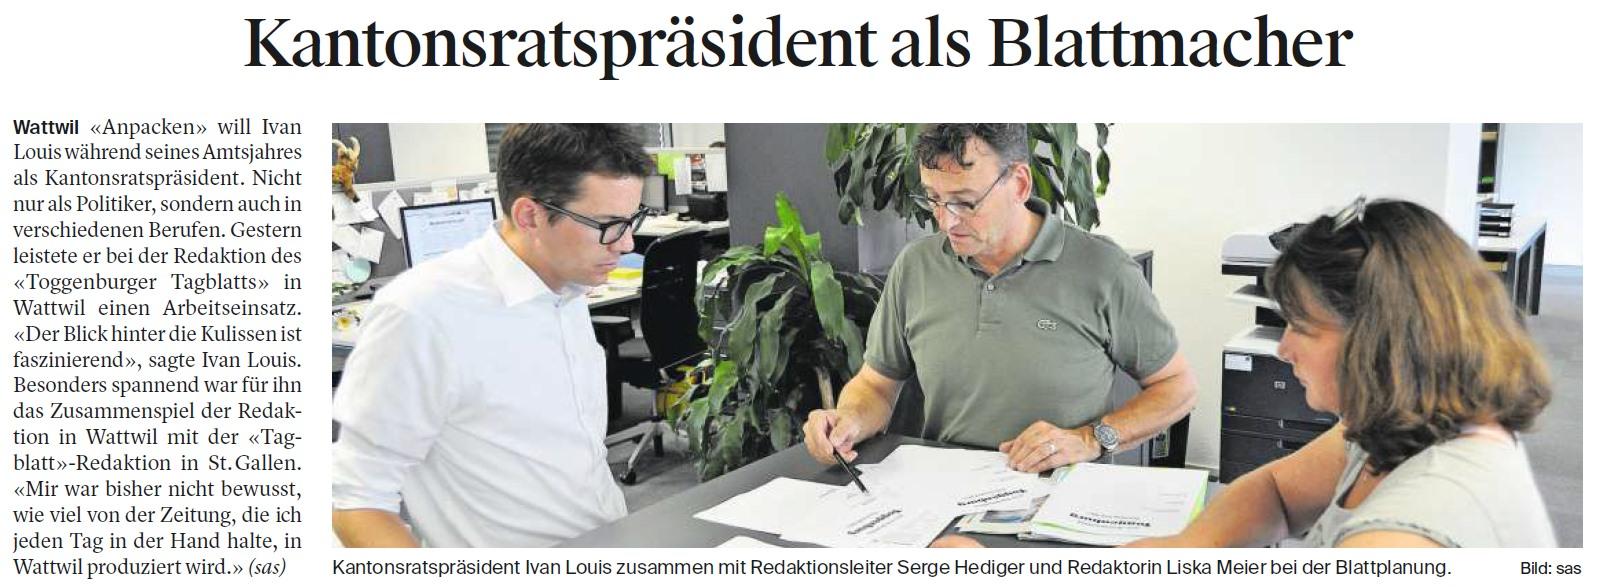 Kantonsratspräsident als Blattmacher (Dienstag, 29.08.2017)